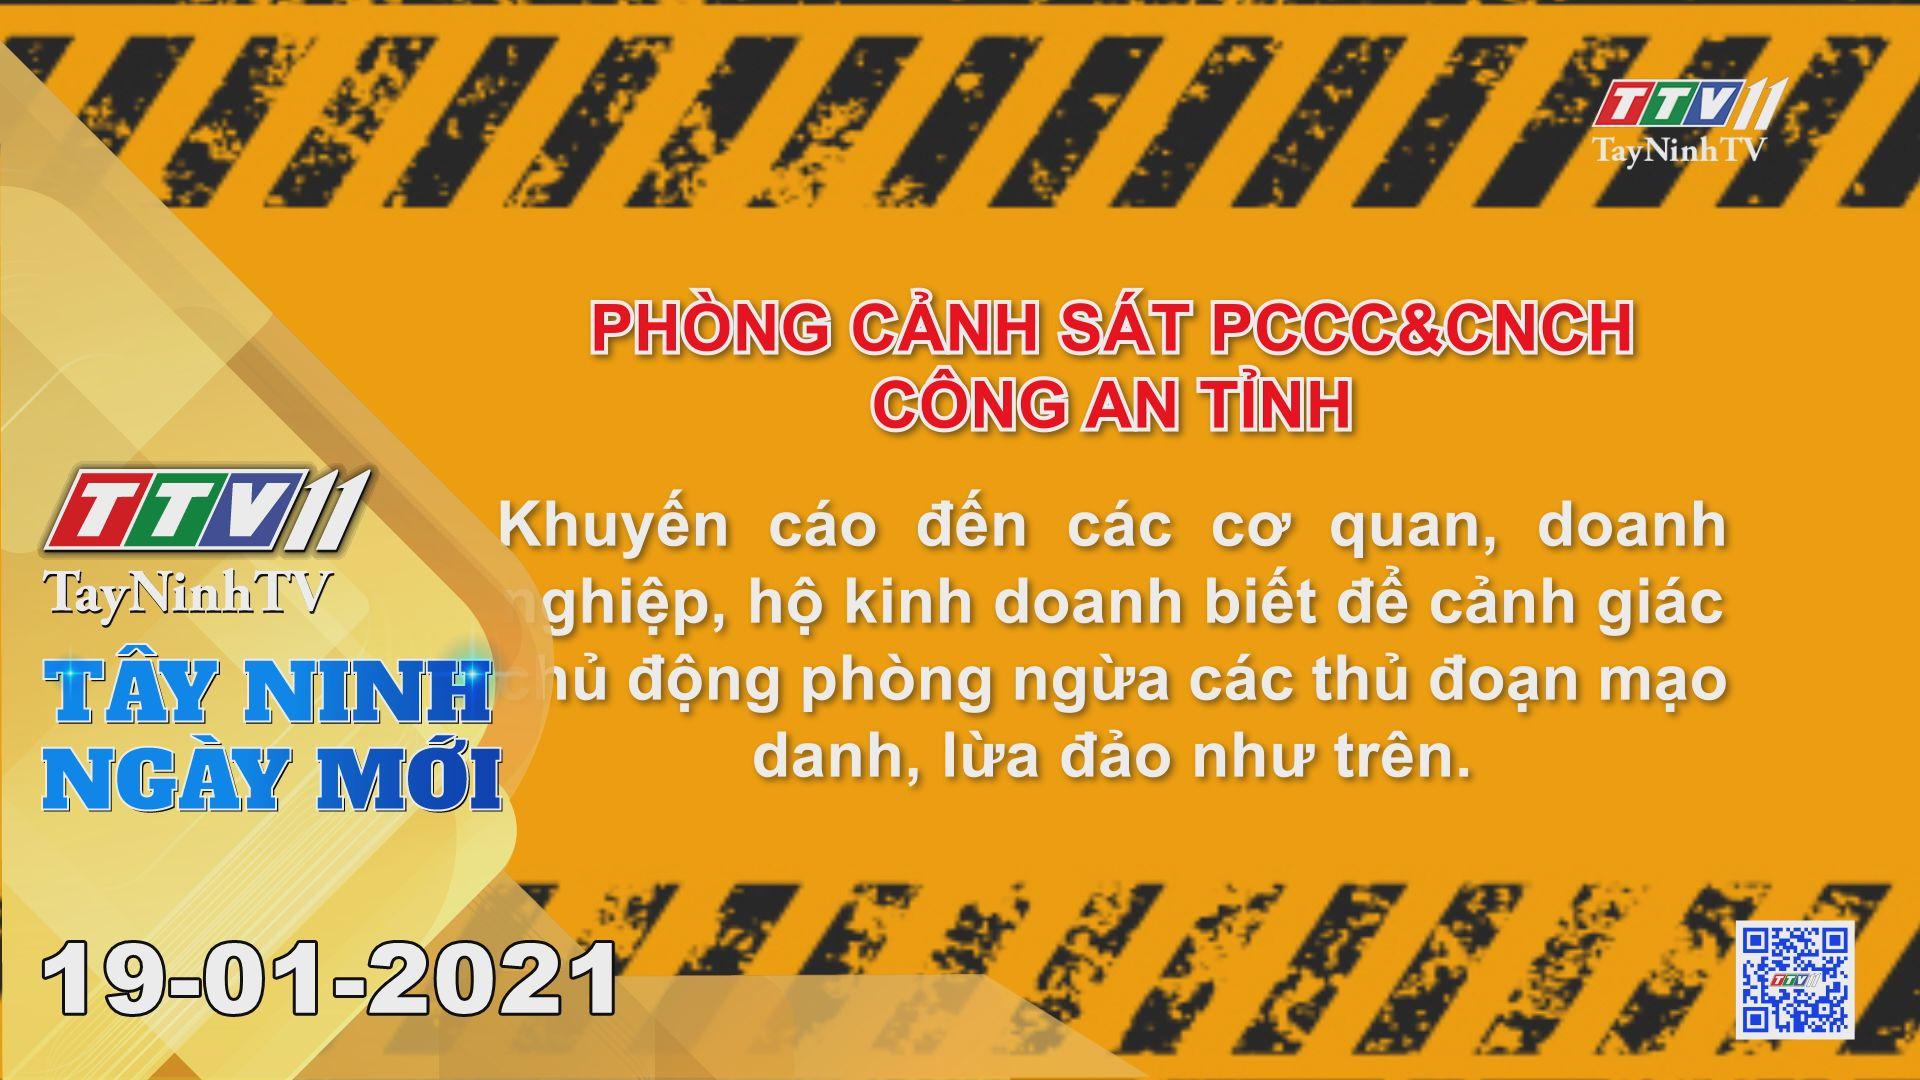 Tây Ninh Ngày Mới 19-01-2021 | Tin tức hôm nay | TayNinhTV